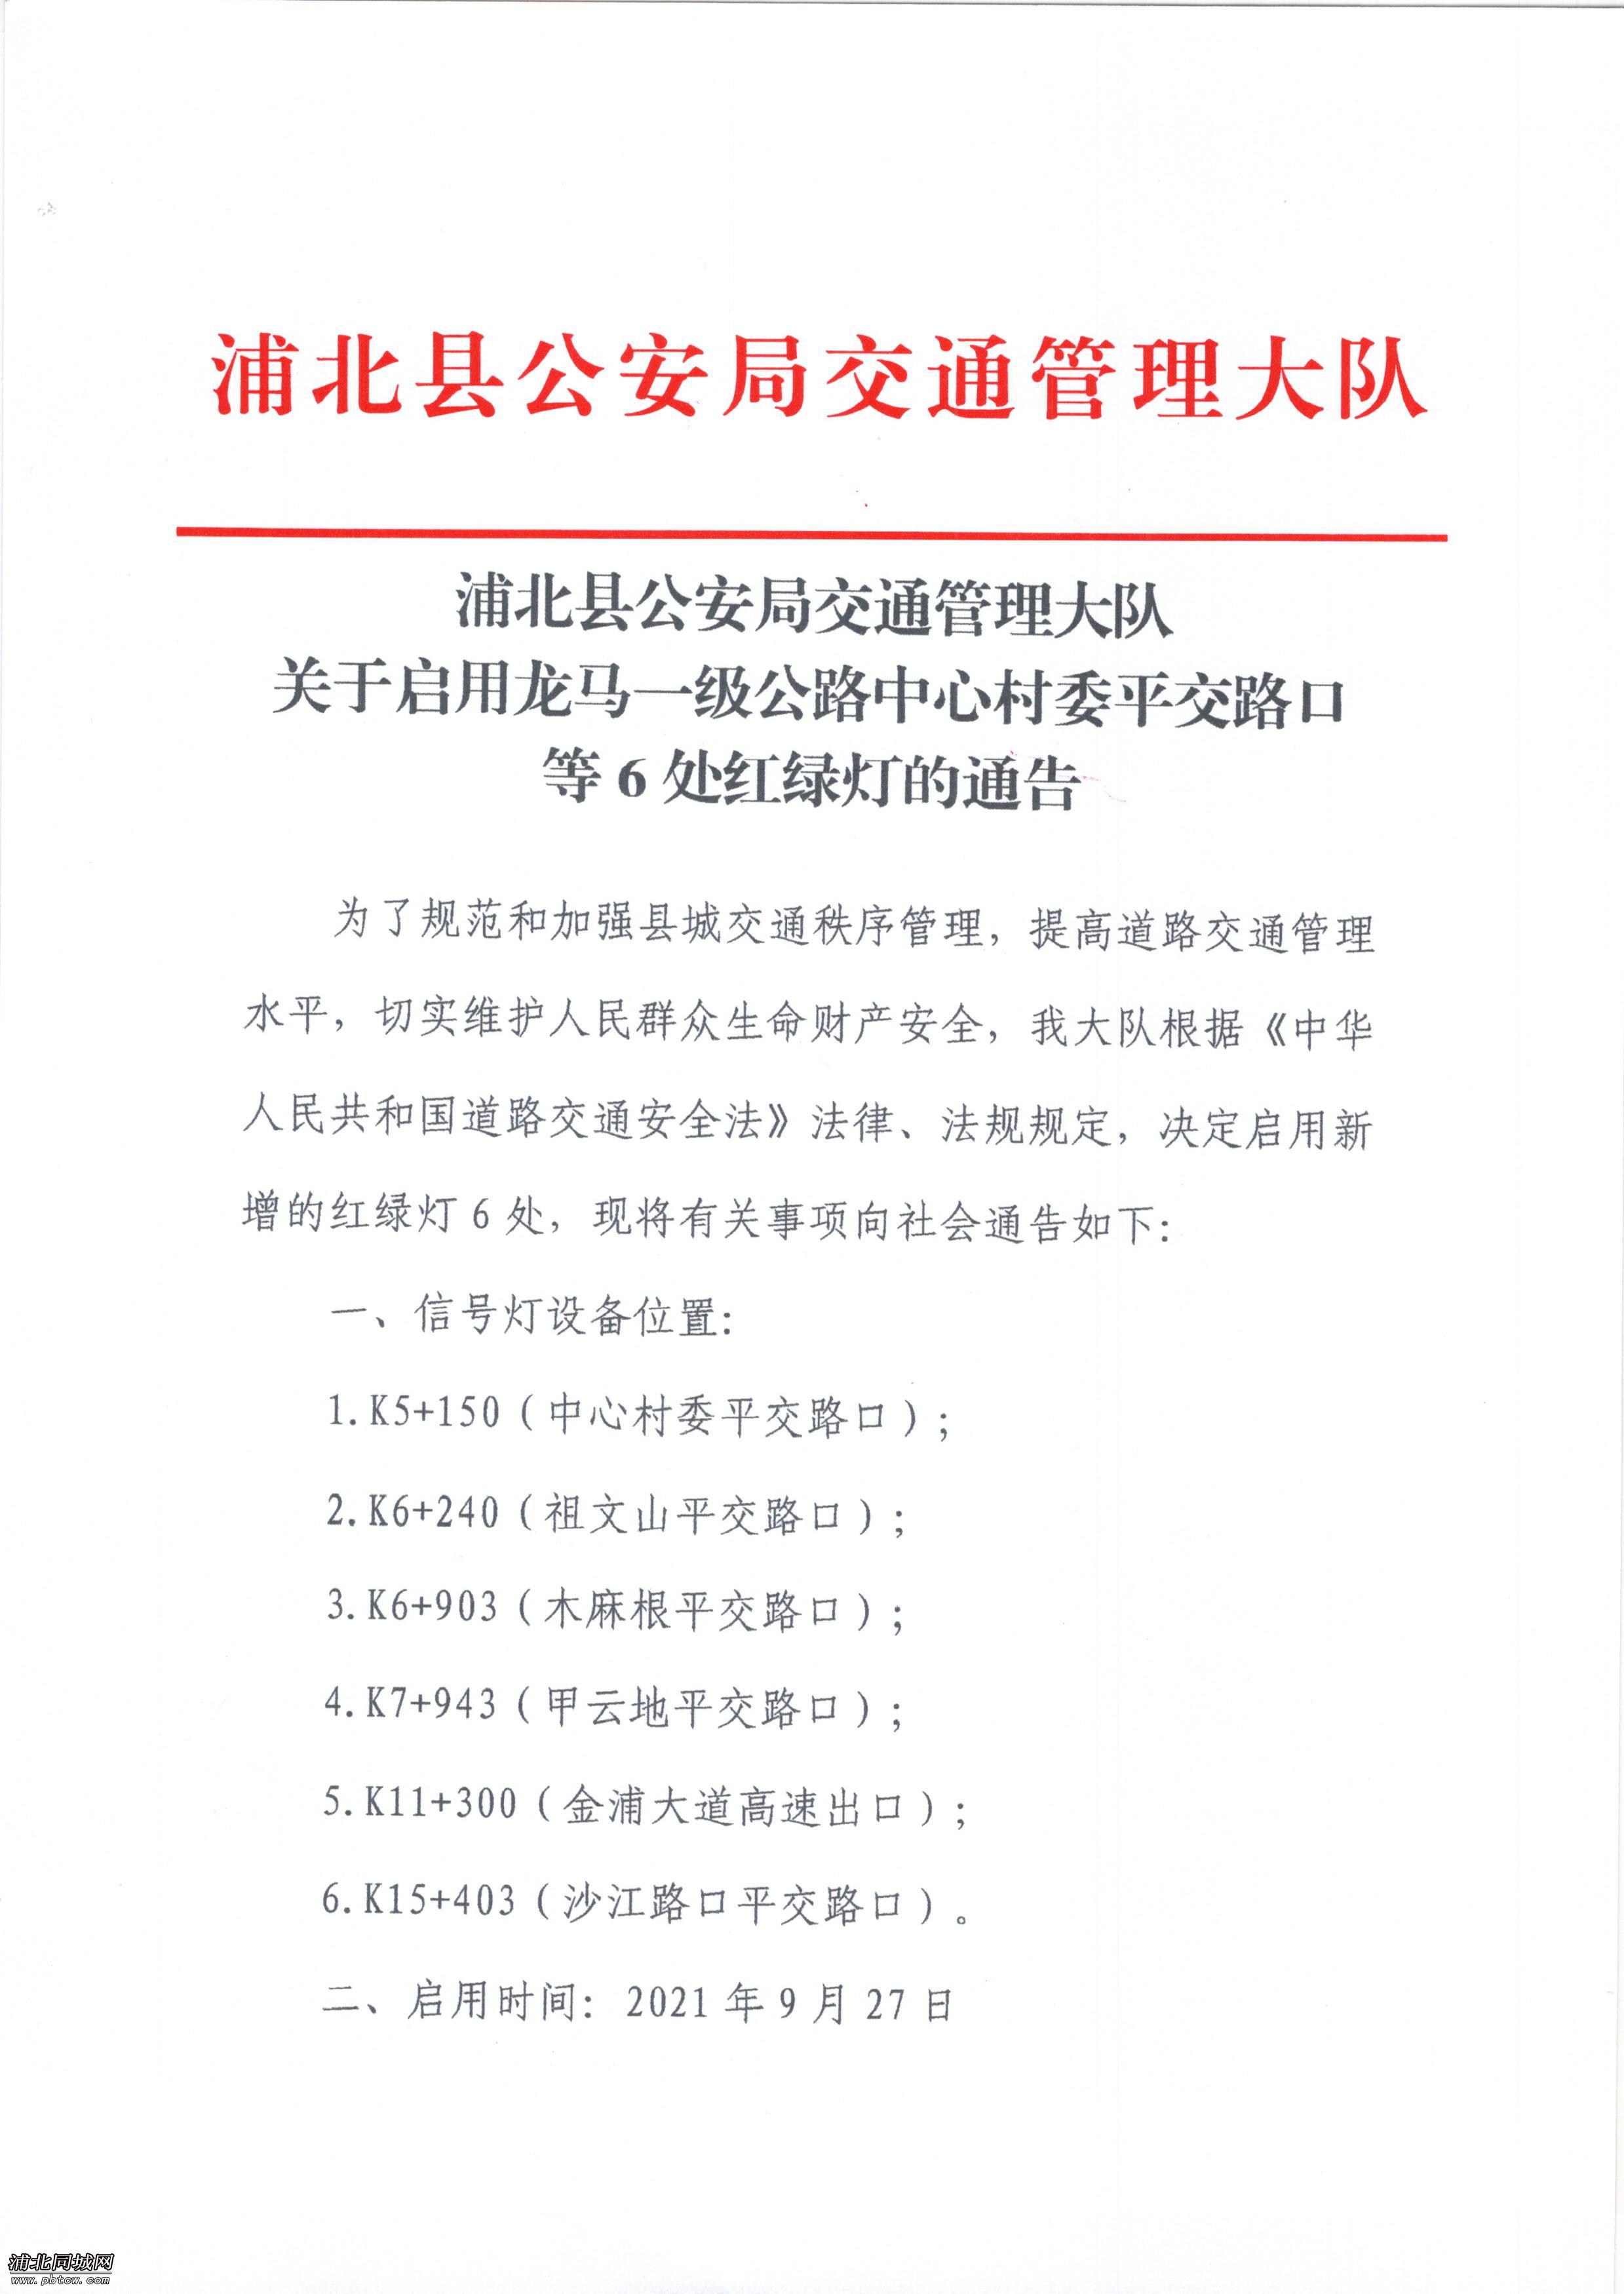 浦北县公安局交通管理大队关于启用龙马一级公路中心村委平交路口等6个红绿灯的通告 (1).jpg